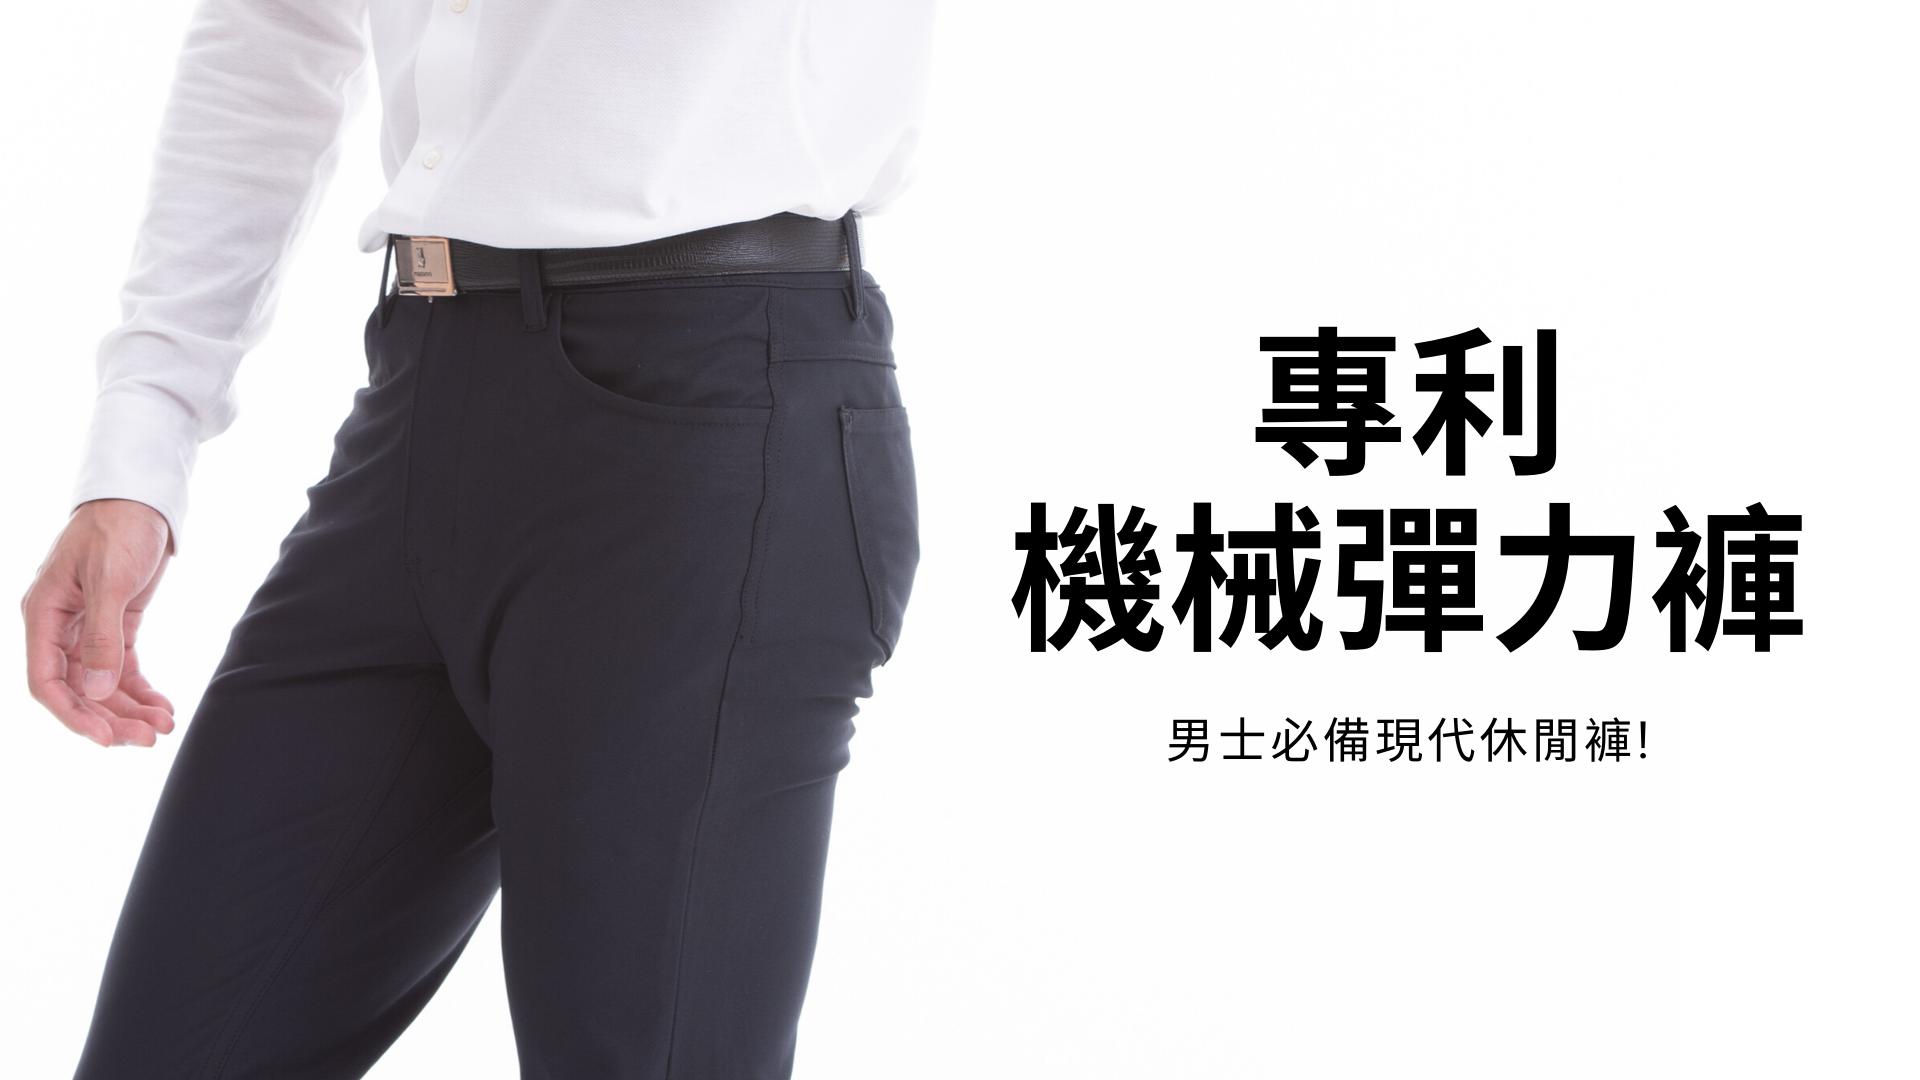 現代休閒褲7billion綺時藝專利機械彈力褲給男性最舒適的體驗黑褲穿搭